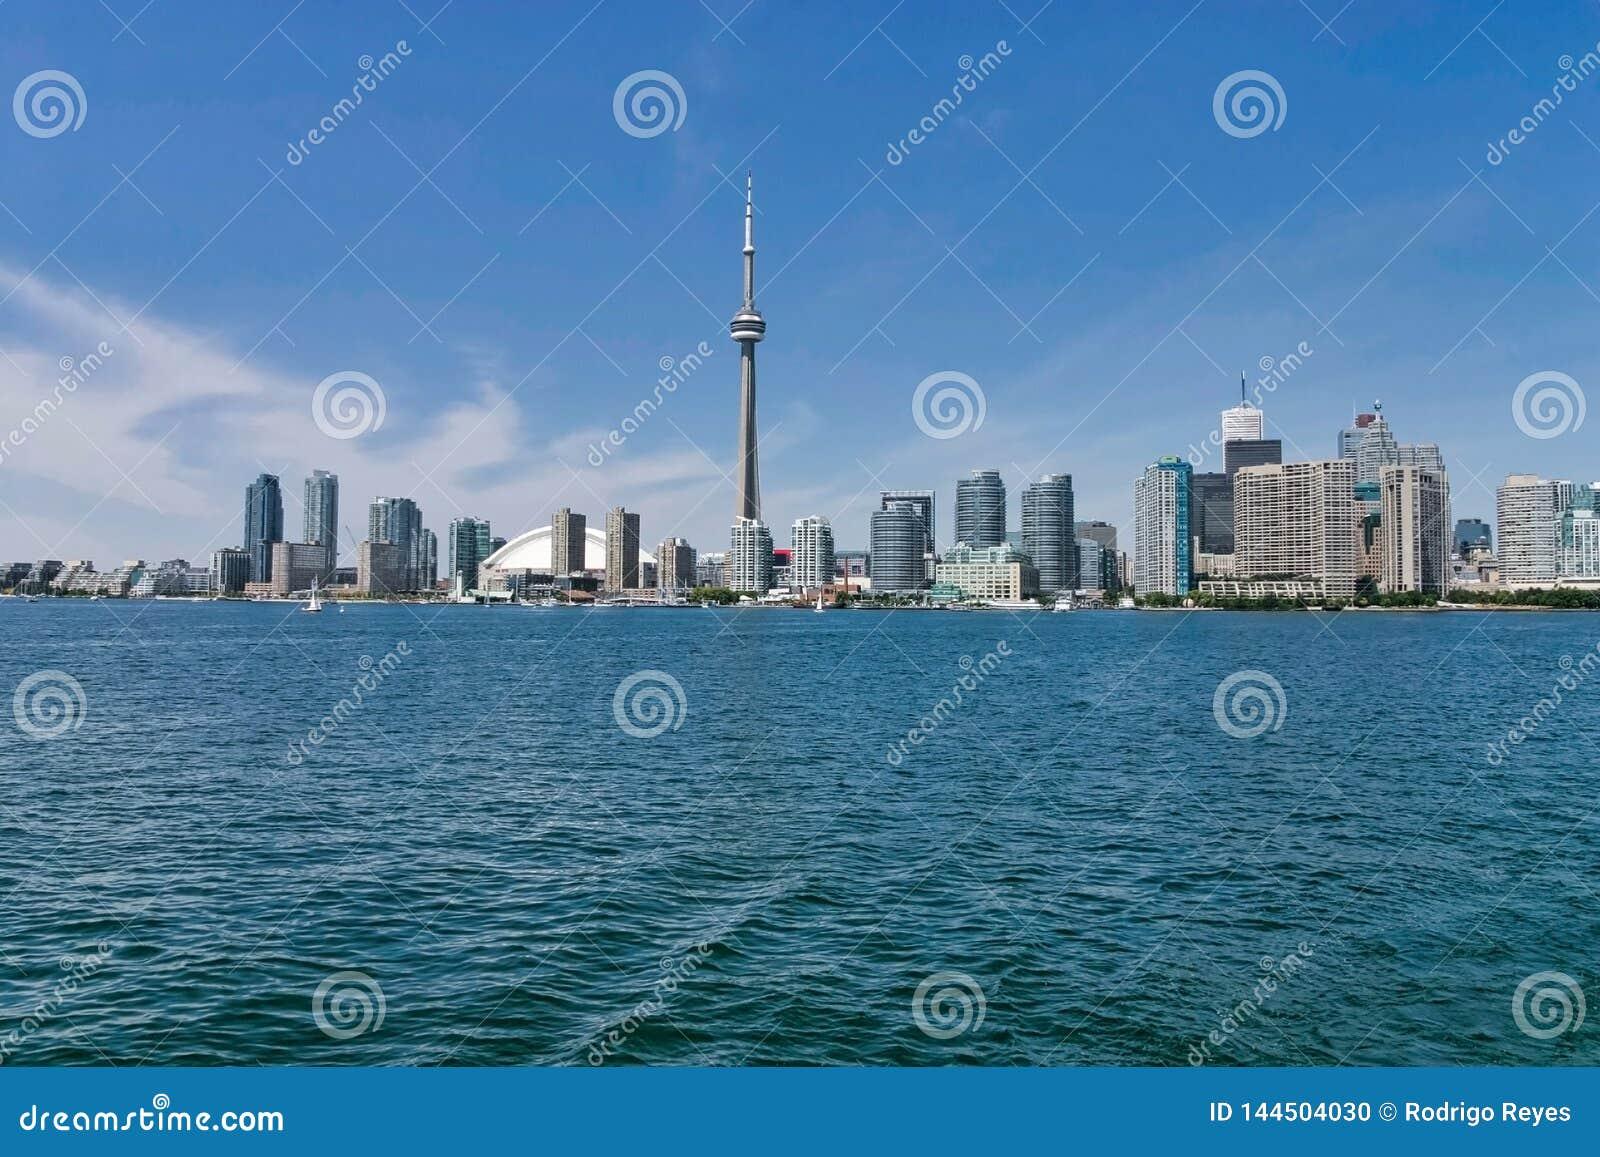 多伦多市和加拿大国家电视塔